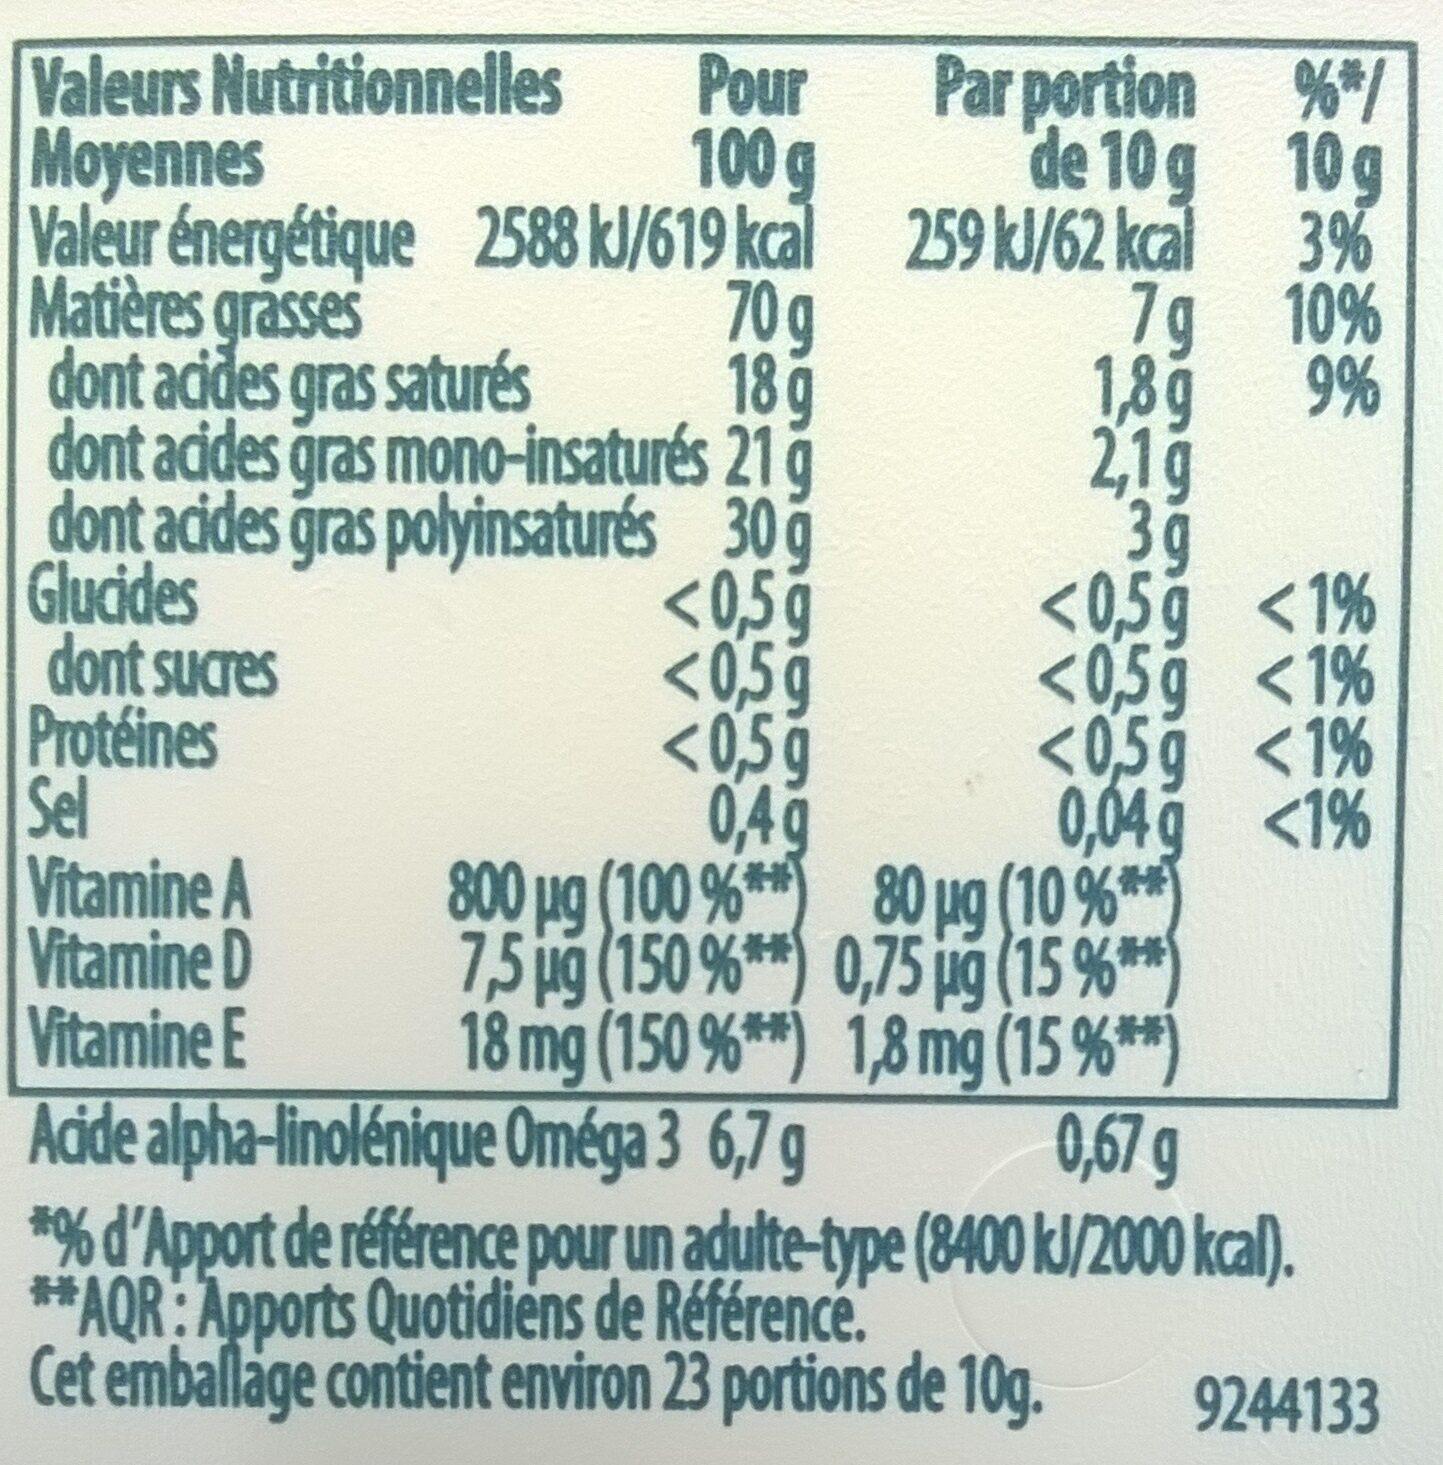 100% végétal avec huiles de coco & d'amande - Informations nutritionnelles - fr